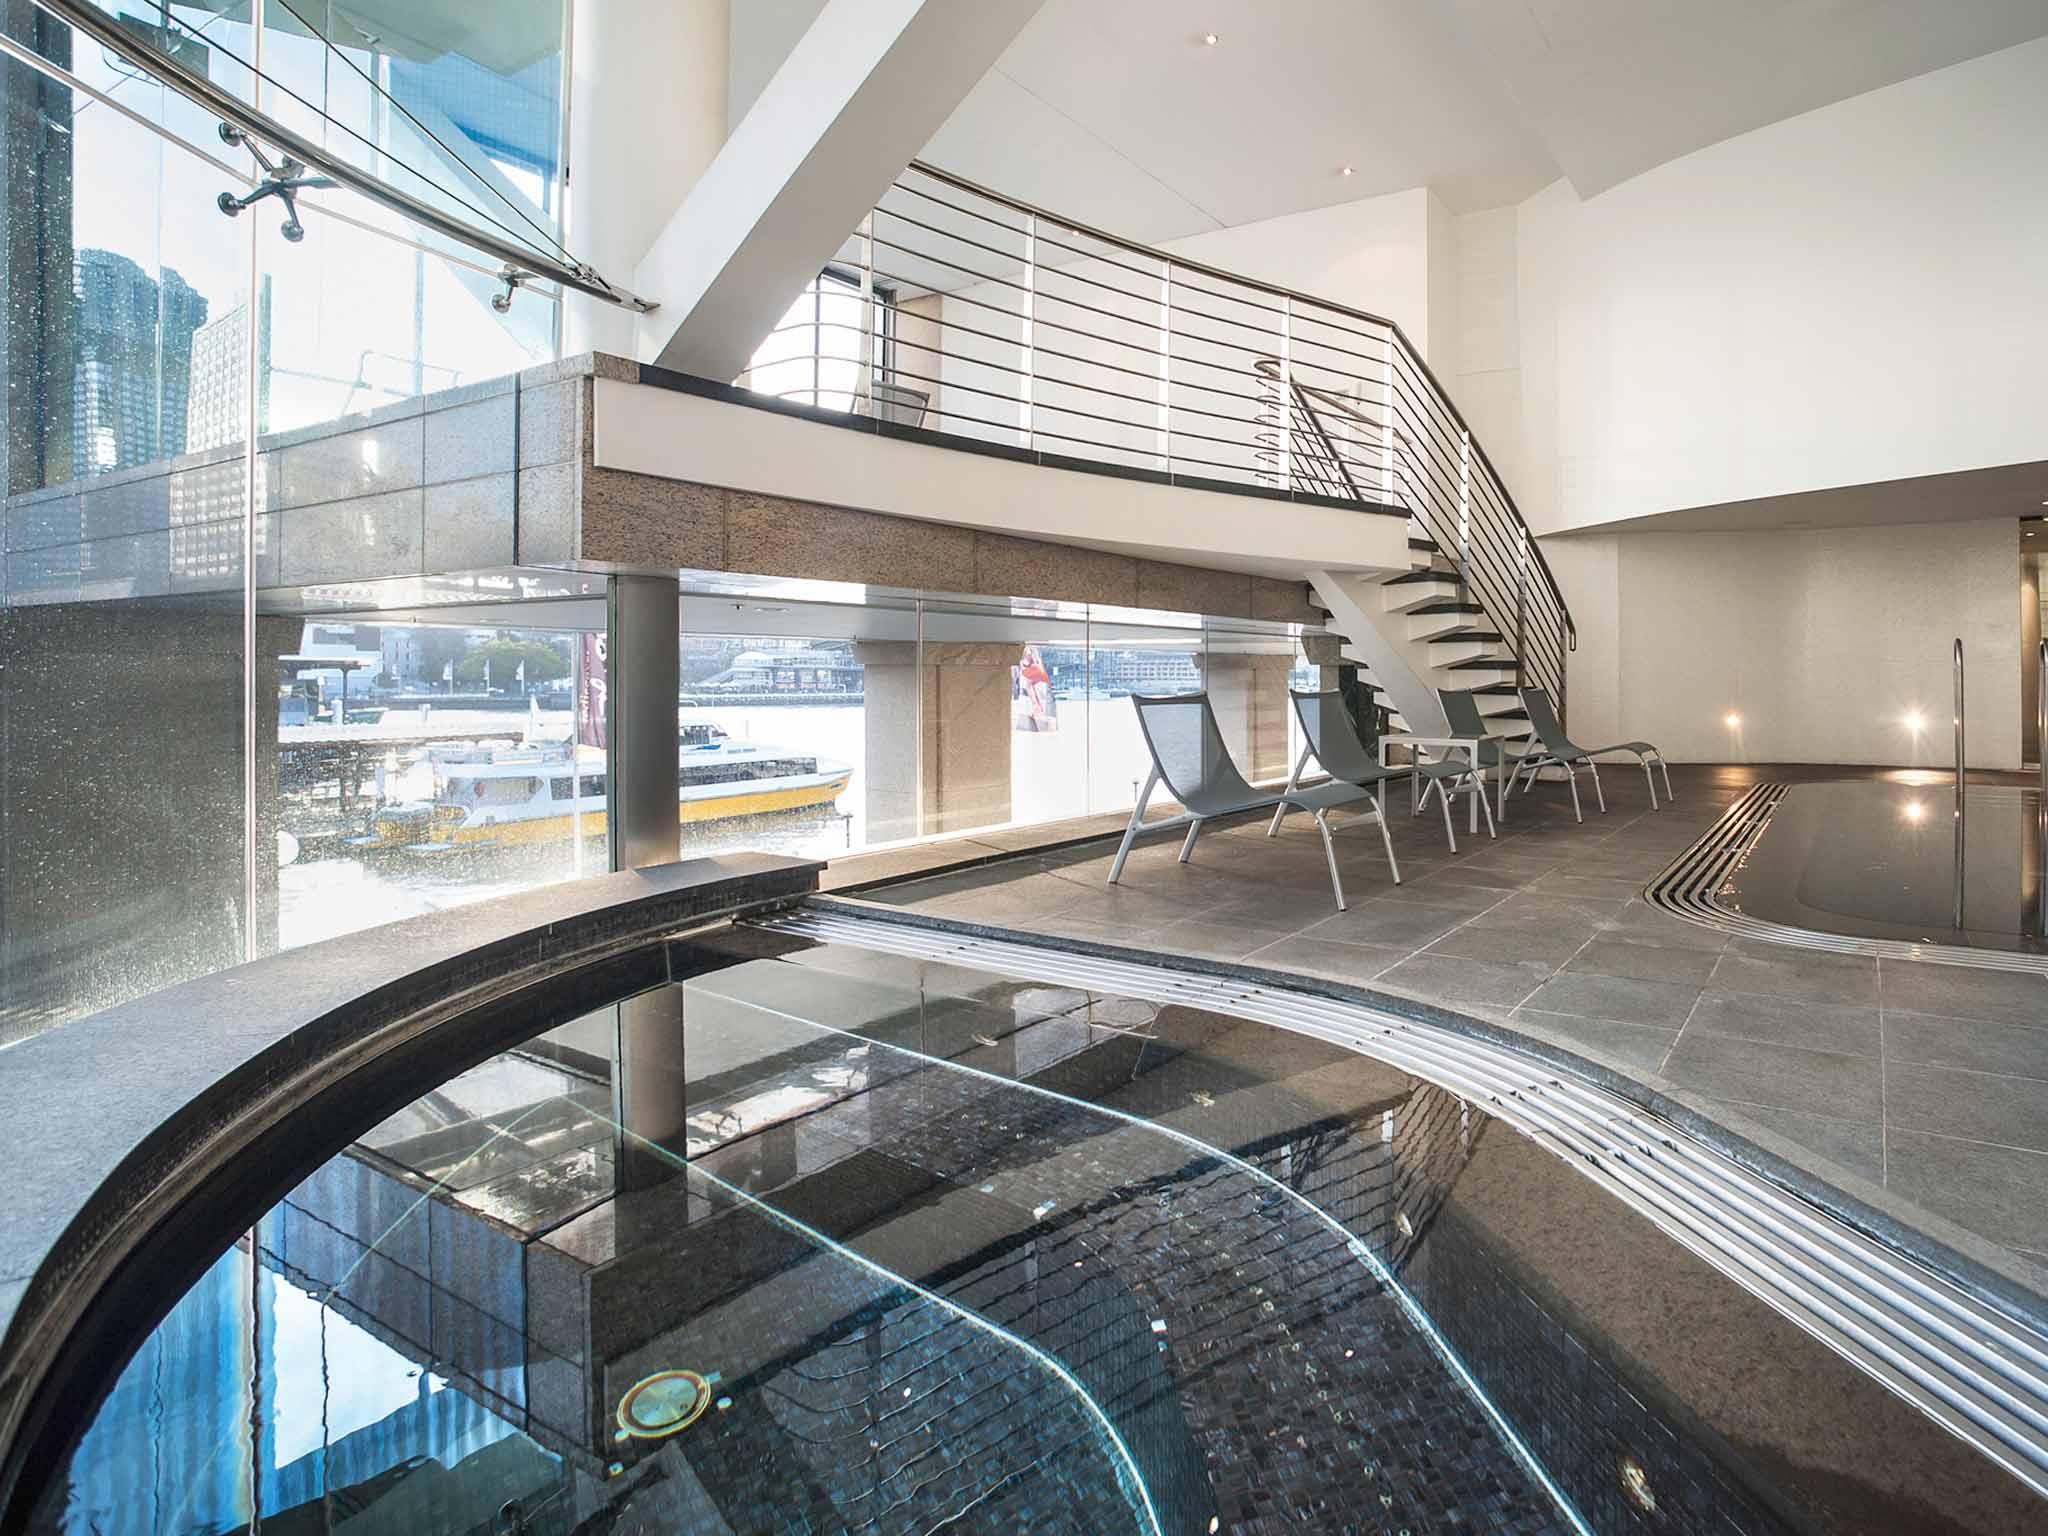 Pullman quay grand hotel sydney hotel sydney luxury hotel sydney luxushotel australien sydney